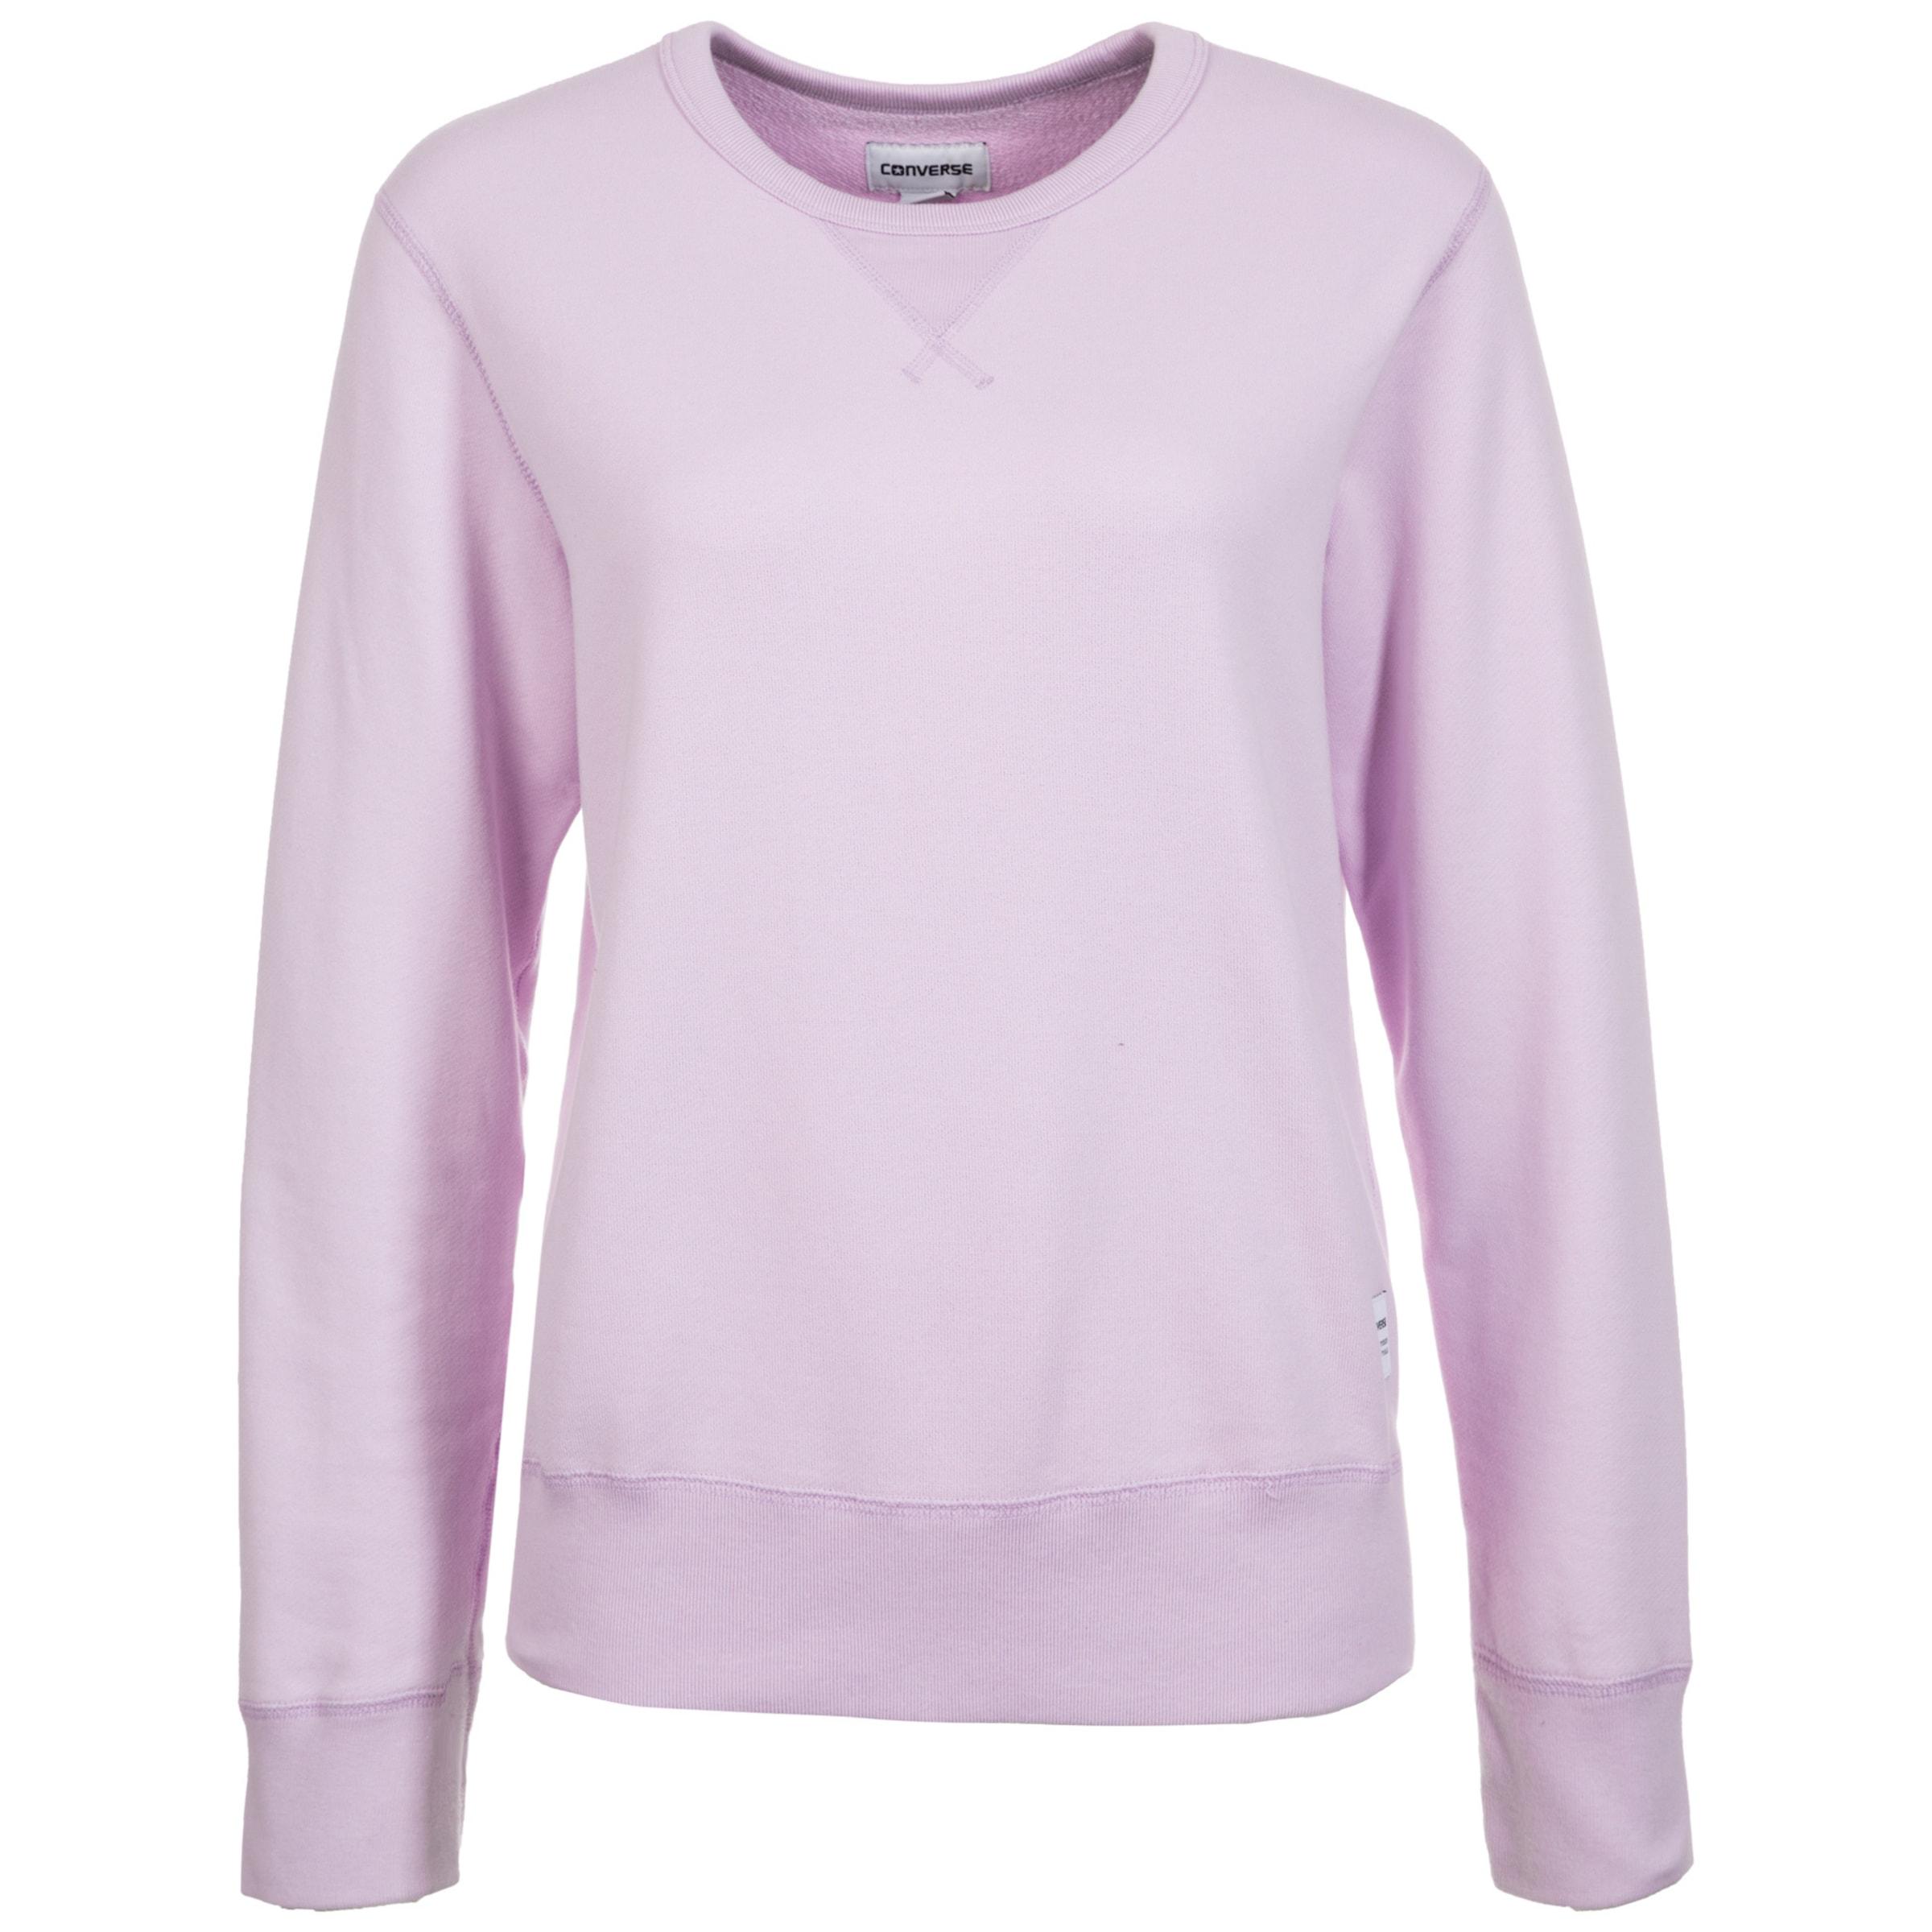 Crew' Lilas Converse En Sweat 'essentials shirt Y76gfvby